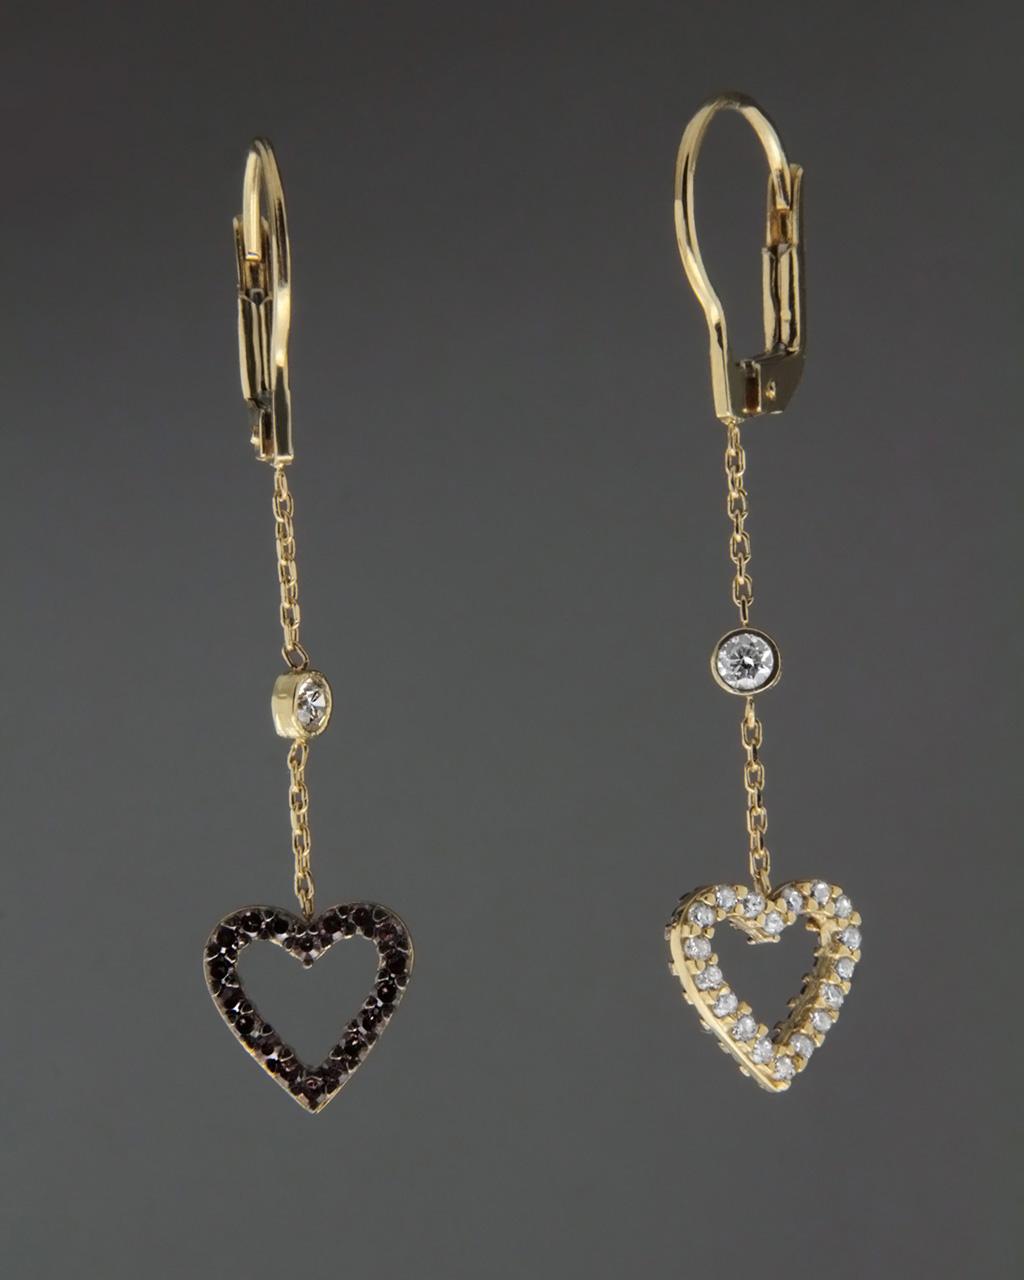 Σκουλαρίκια καρδιές χρυσά με Ζιργκόν   γυναικα κοσμήματα με καρδιές